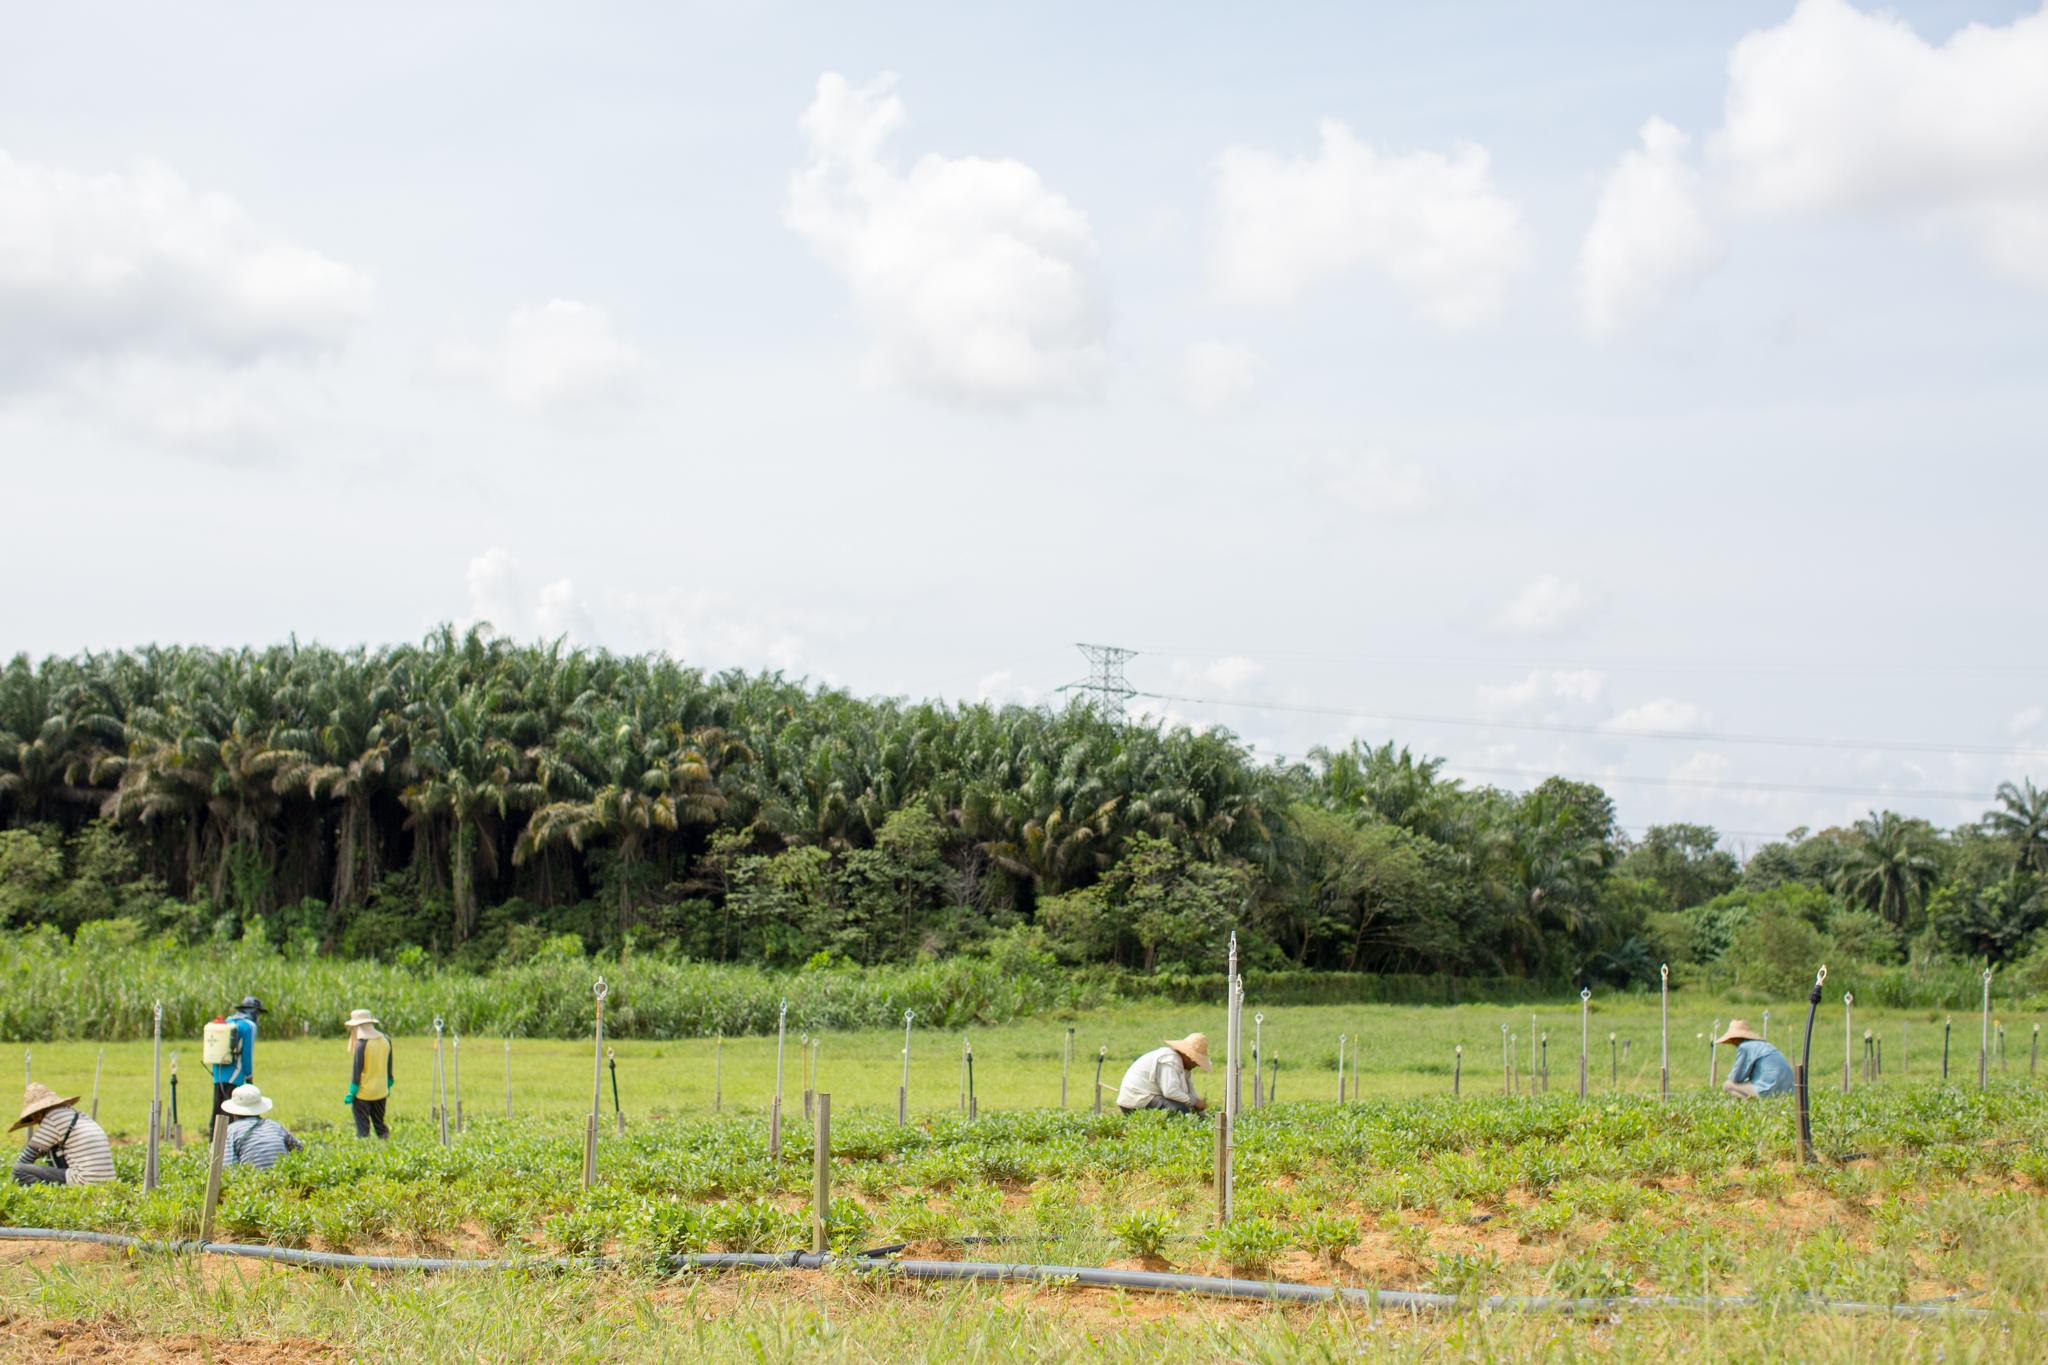 Farmworkers tend a field of Bambara groundnuts in Semenyih, Malaysia.